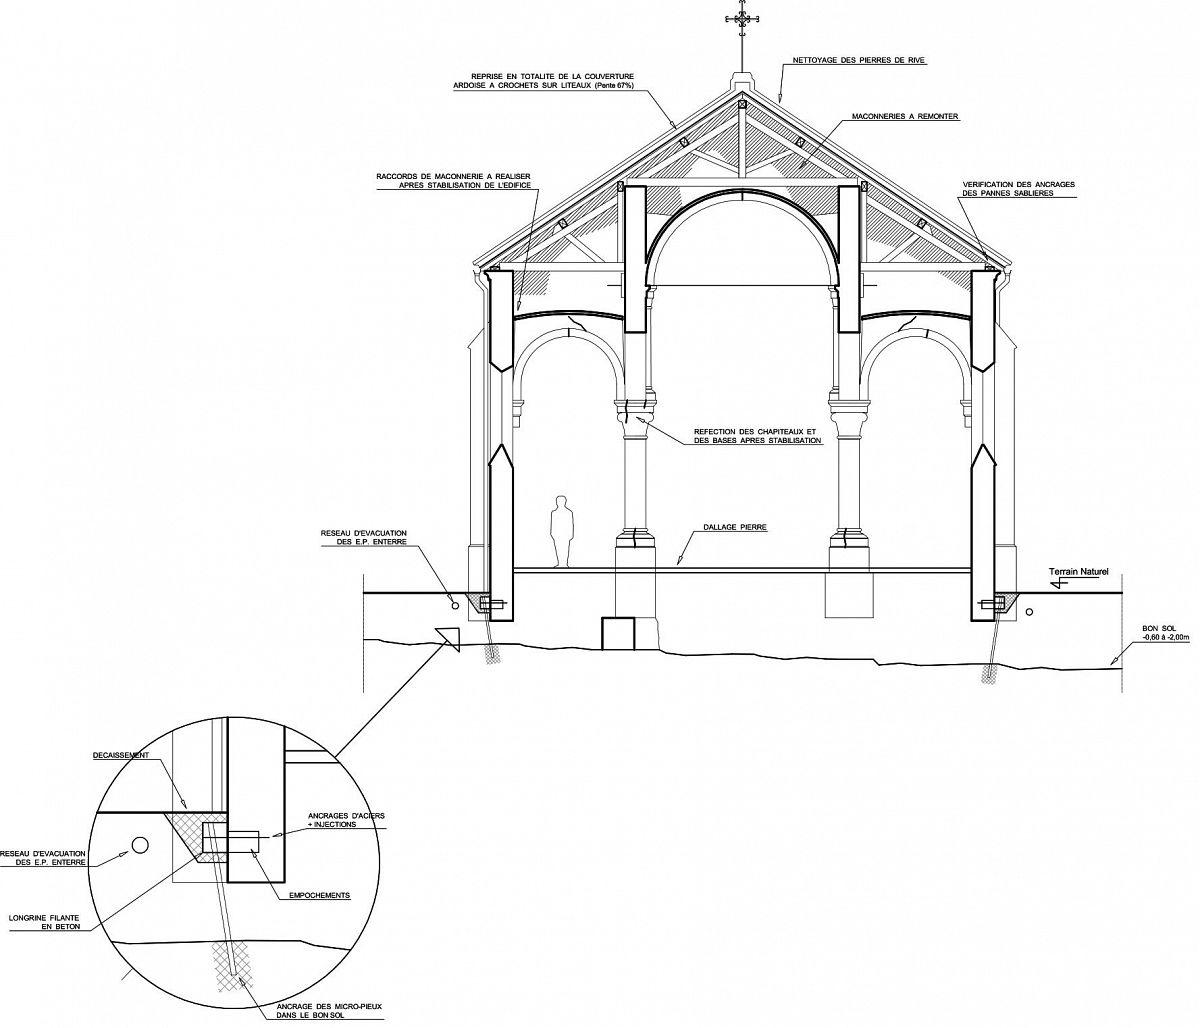 Glux-en-Glenne - Eglise Saint-Denis (58) [4]